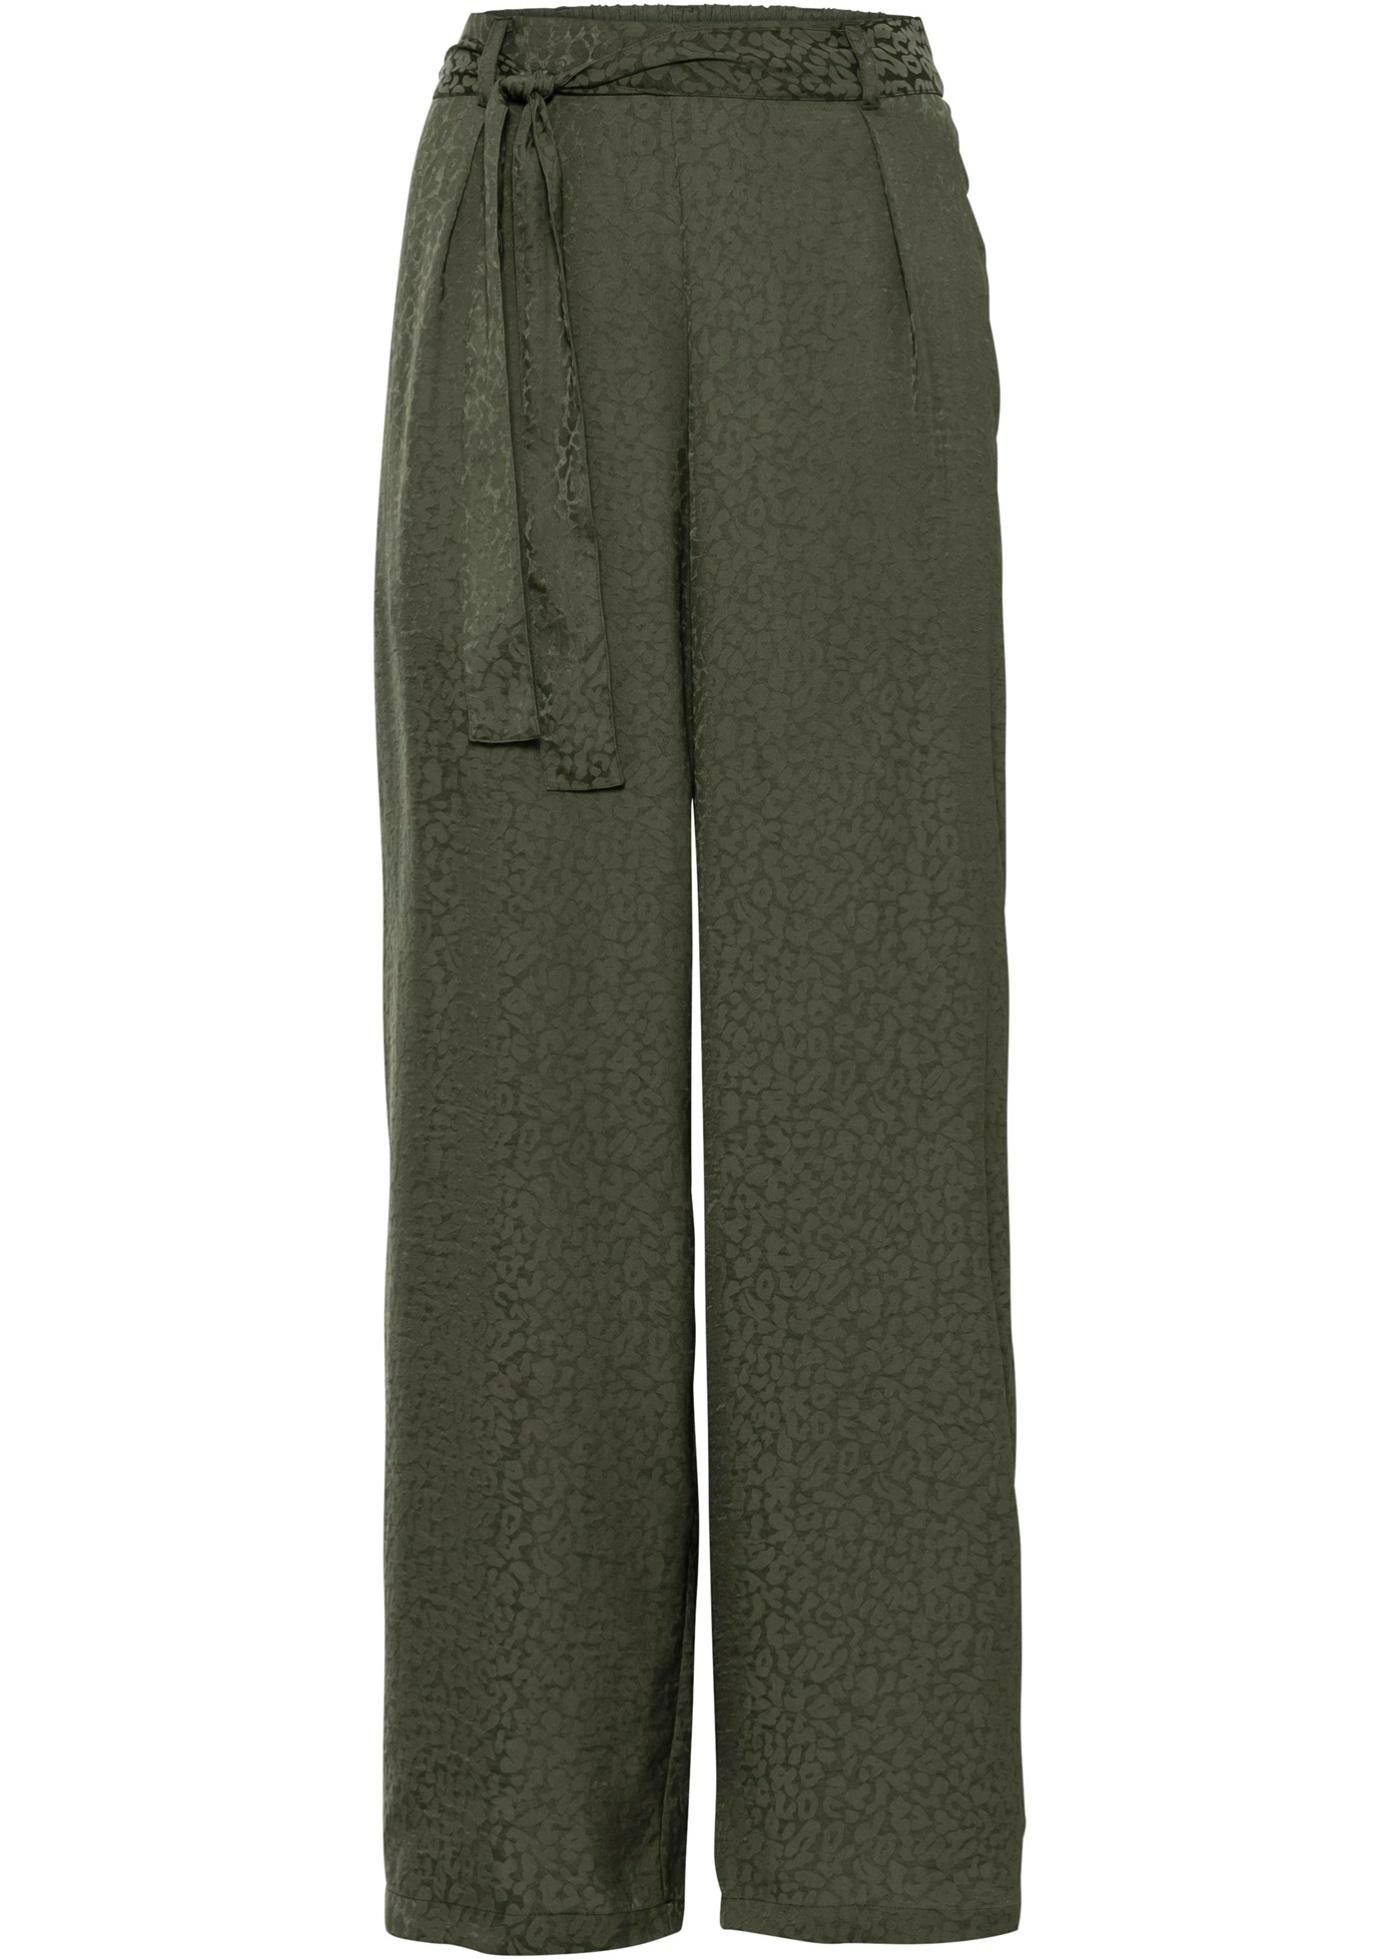 Pull on-bukse med leo-preg